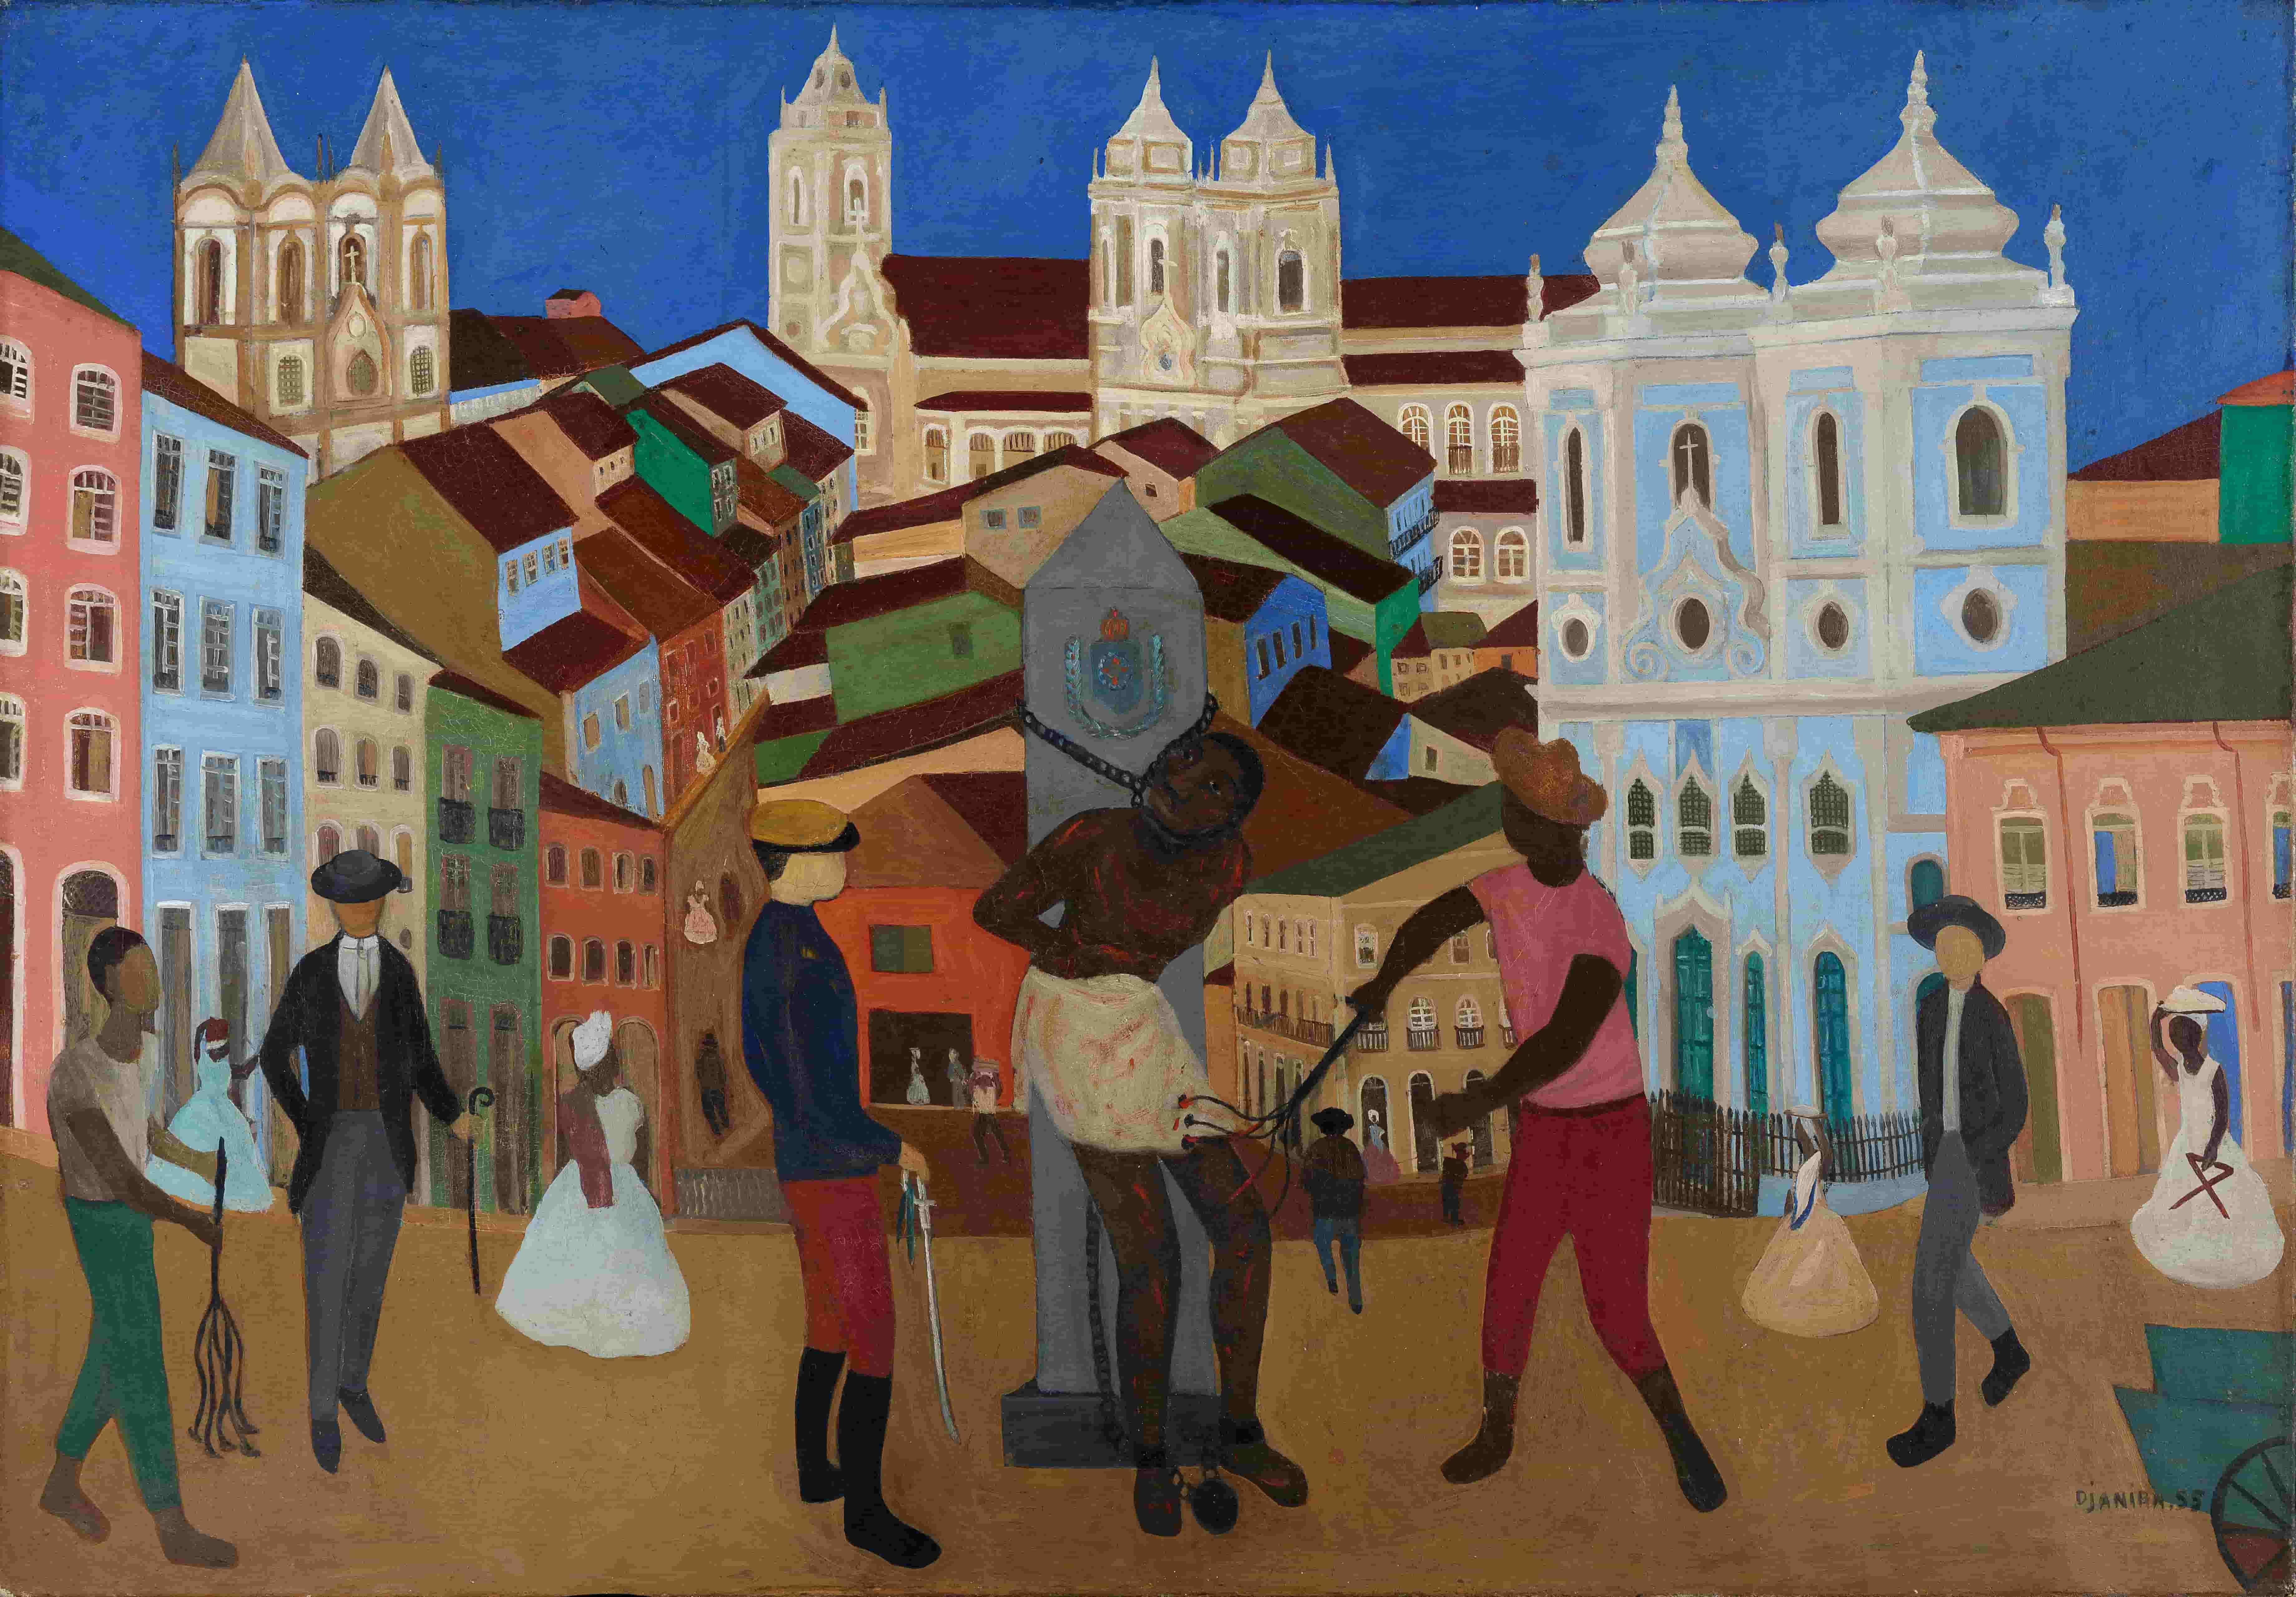 Djanira da Motta, Mercado da Bahia (1959). Oil on canvas, 114,5 x 162 cm, Roberto Marinho collection, Instituto Casa Roberto Marinho, Rio de Janeiro, photo: Pedro Oswaldo Cruz